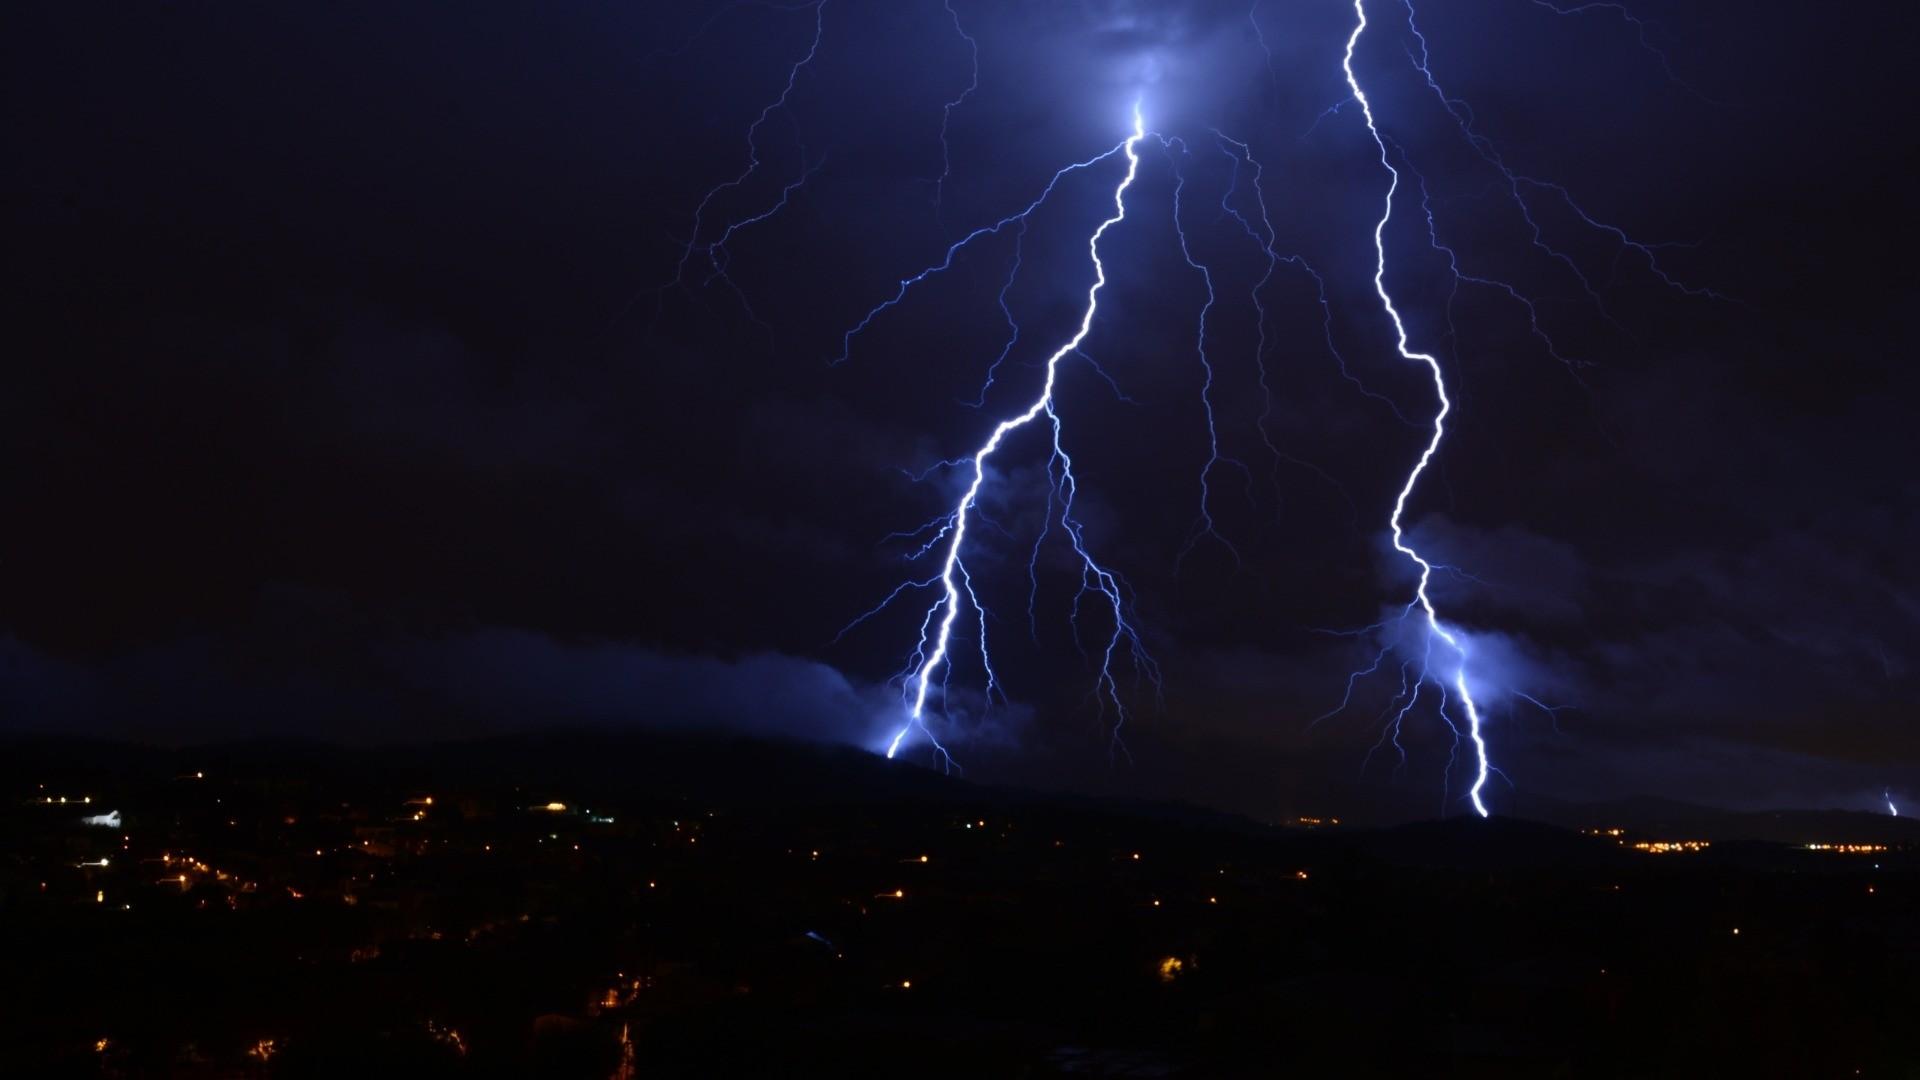 Lightning Full HD Wallpaper